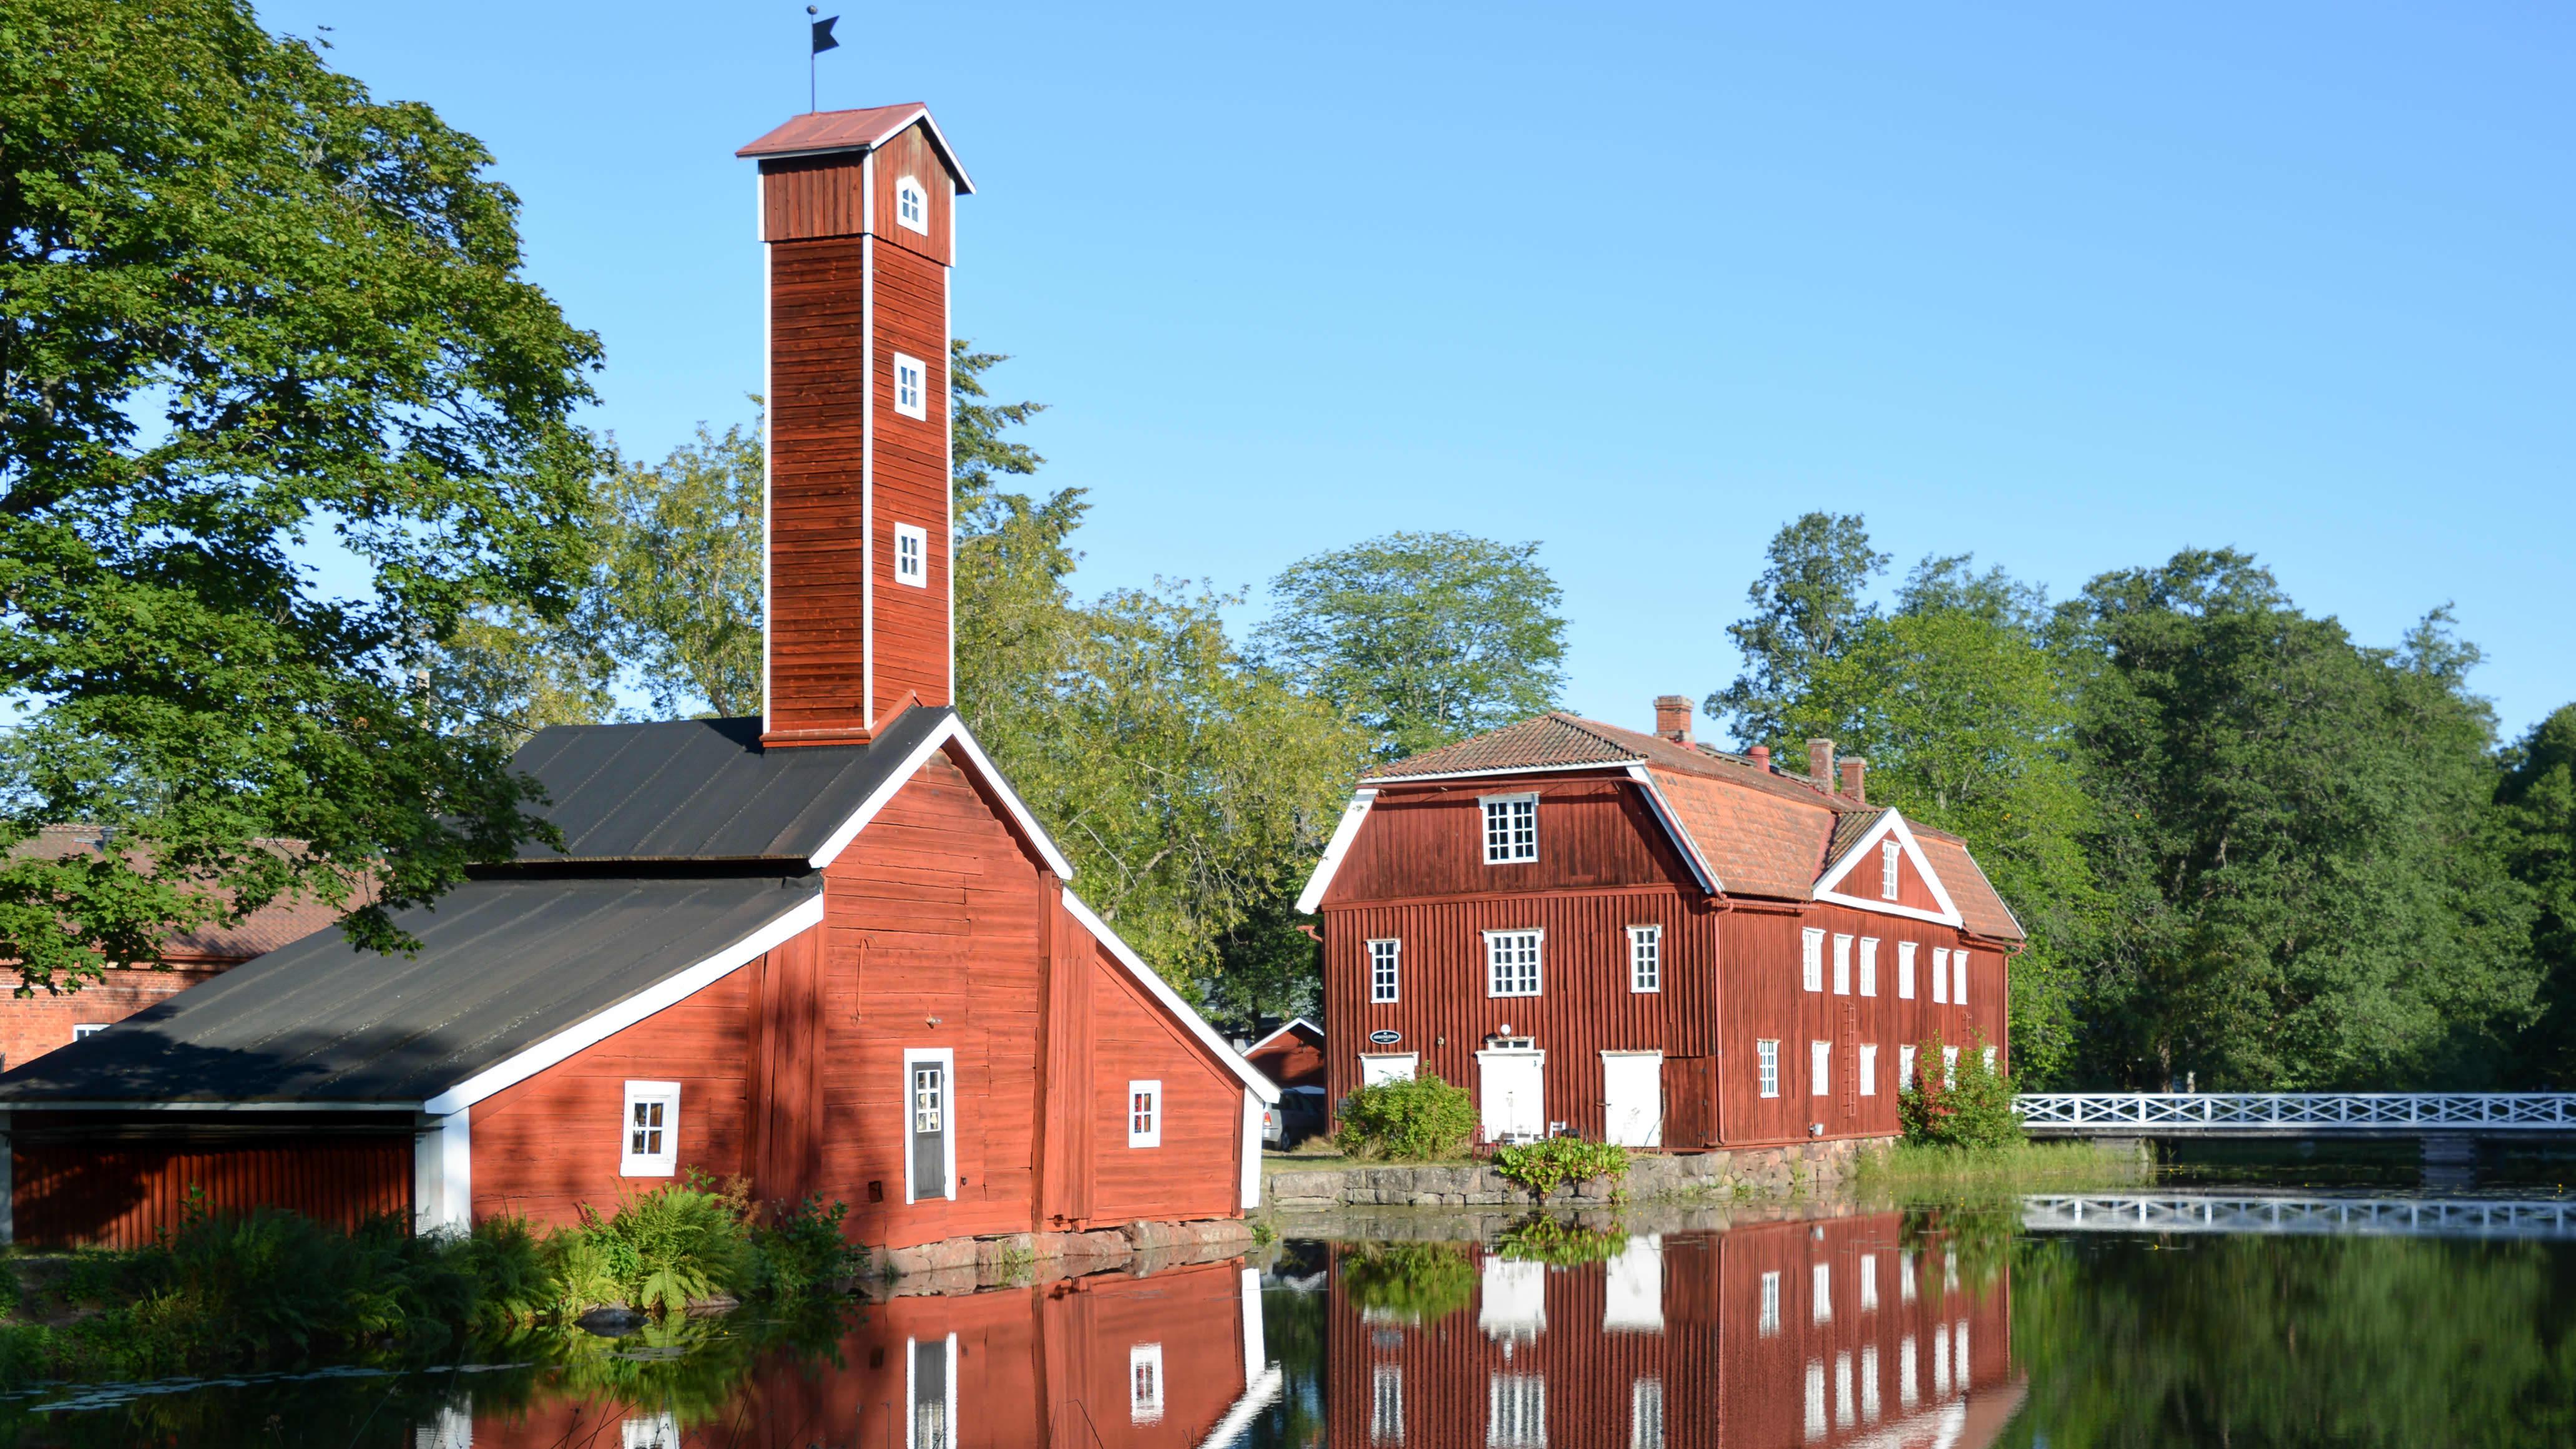 Två röda träbyggnader vid vatten, somrigt.